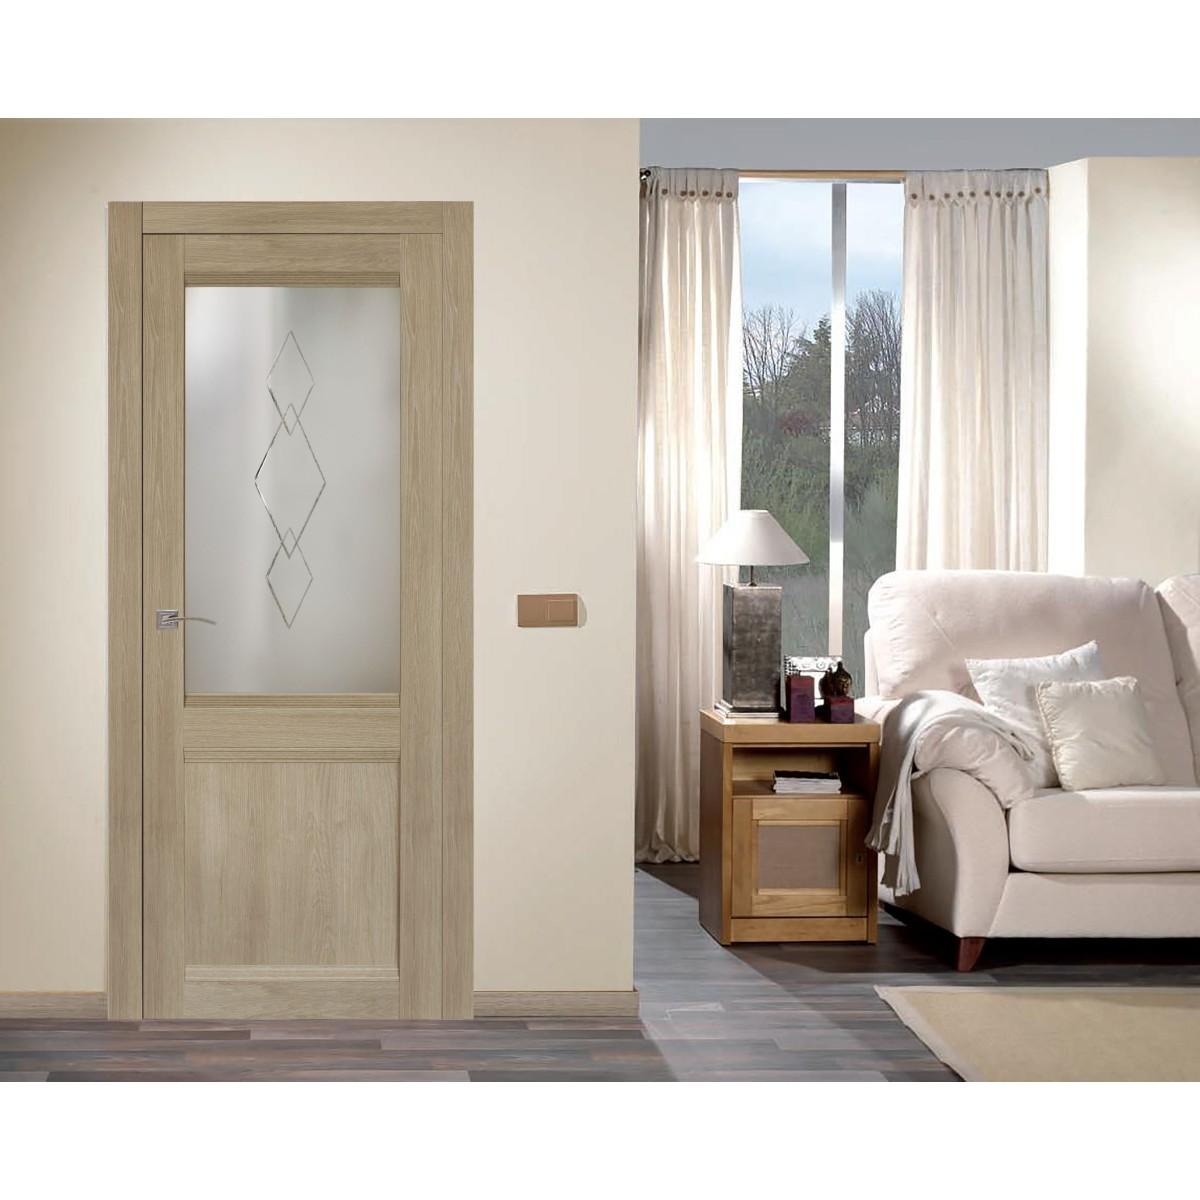 Дверь Межкомнатная Остеклённая Арагона 90Х200 Цвет Дуб Тёрнер С Фурнитурой